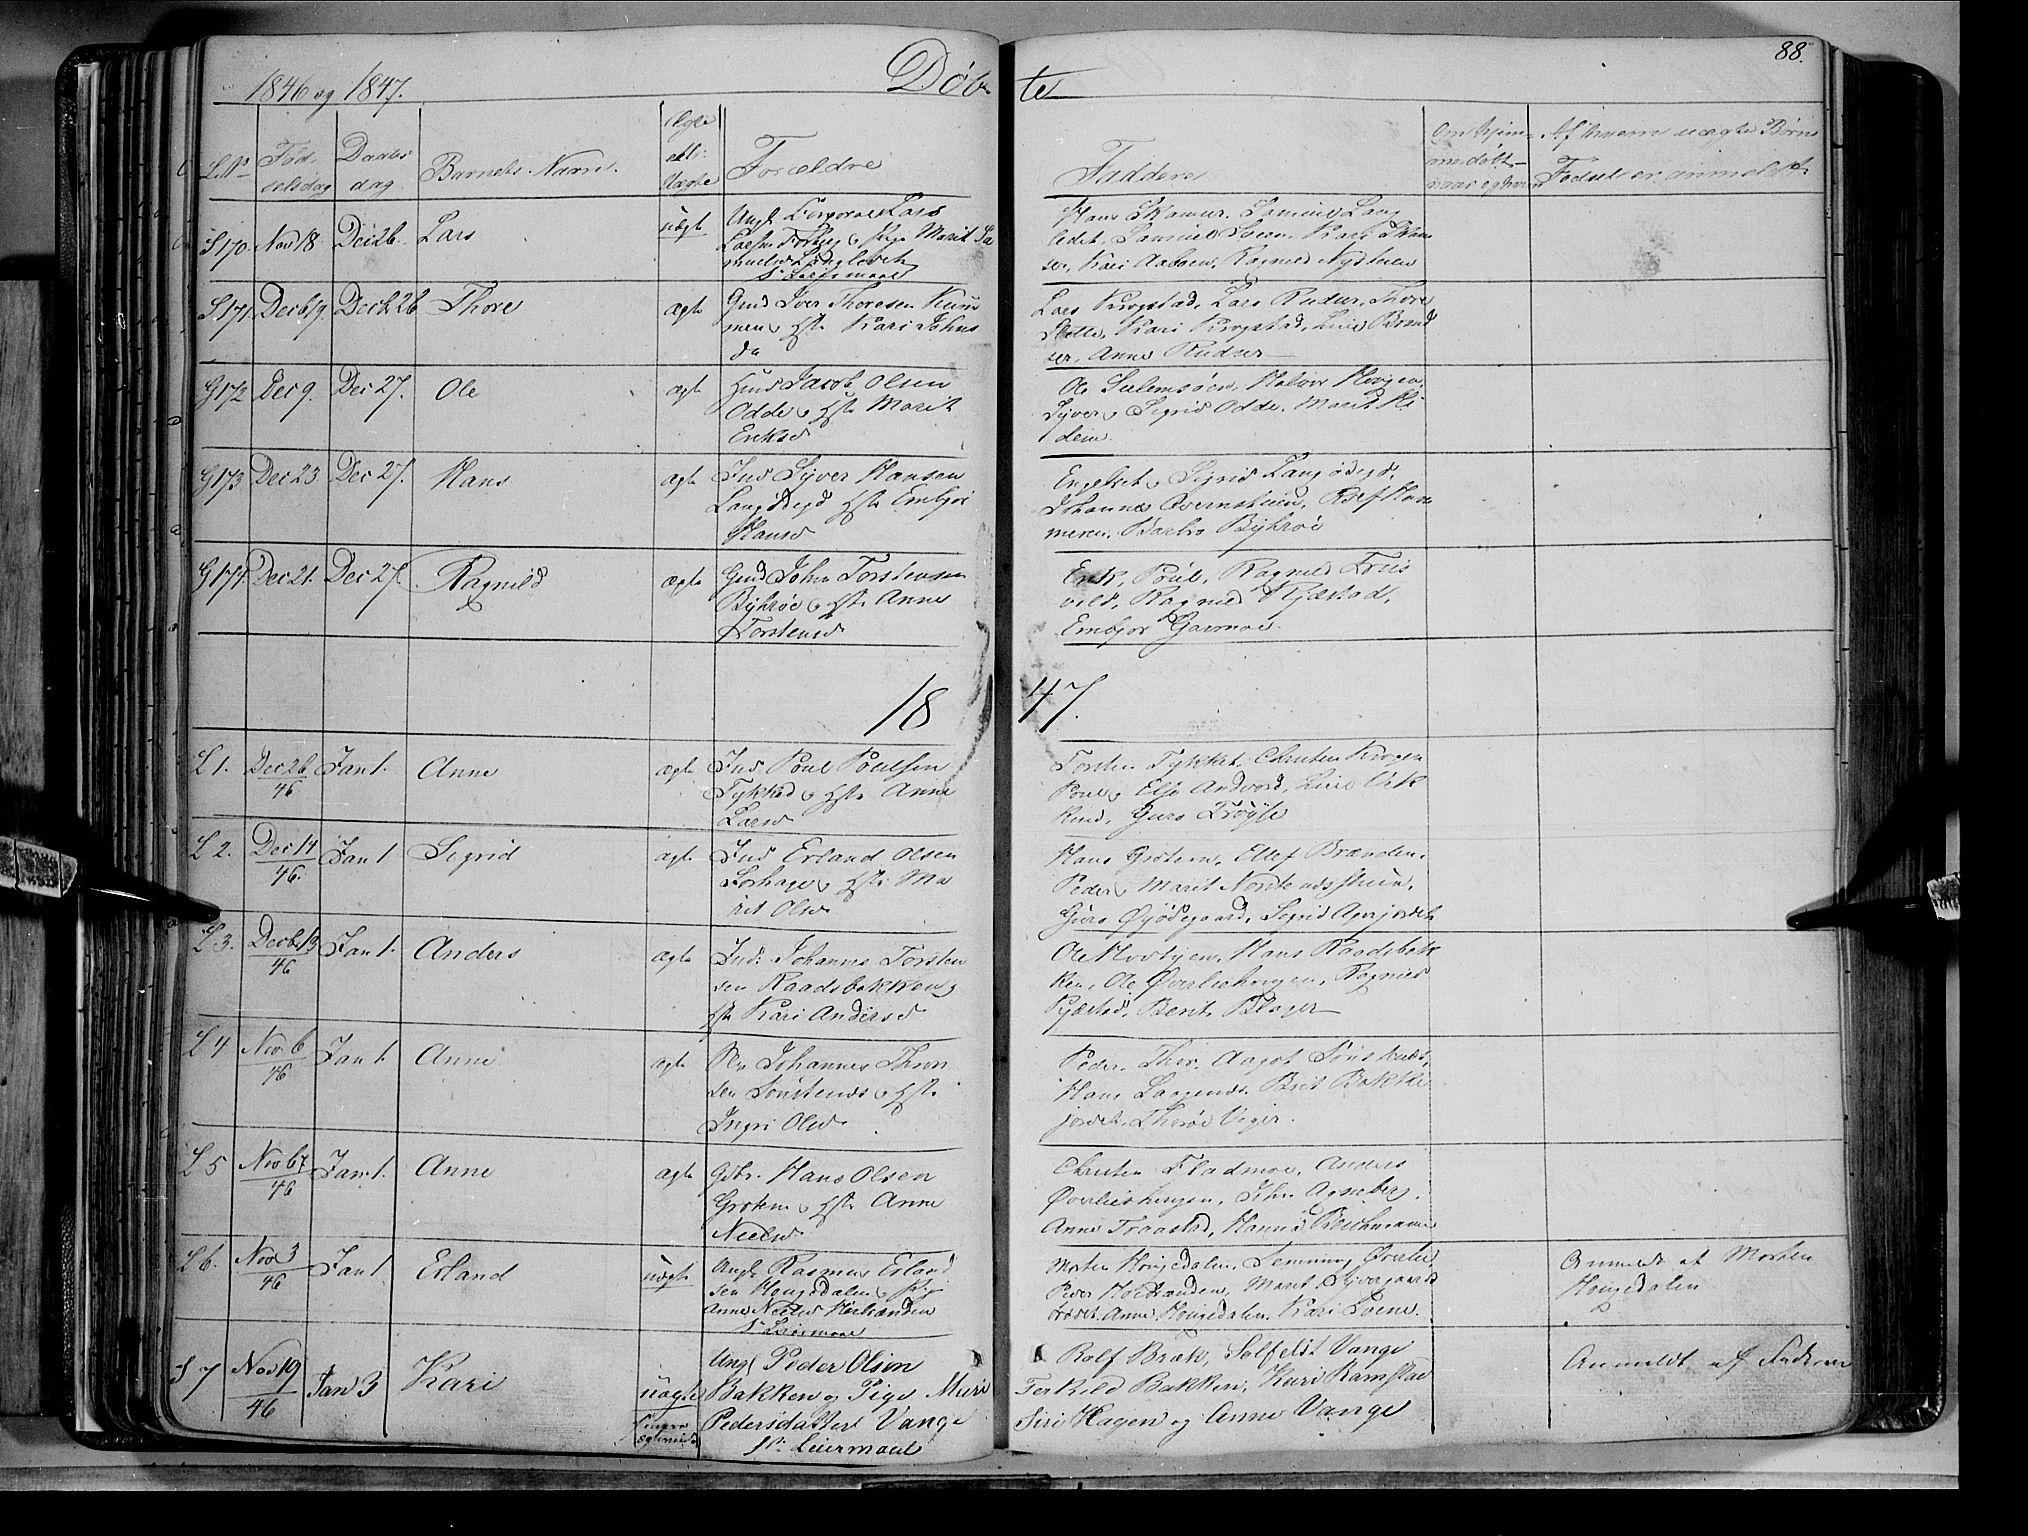 SAH, Lom prestekontor, K/L0006: Ministerialbok nr. 6A, 1837-1863, s. 88